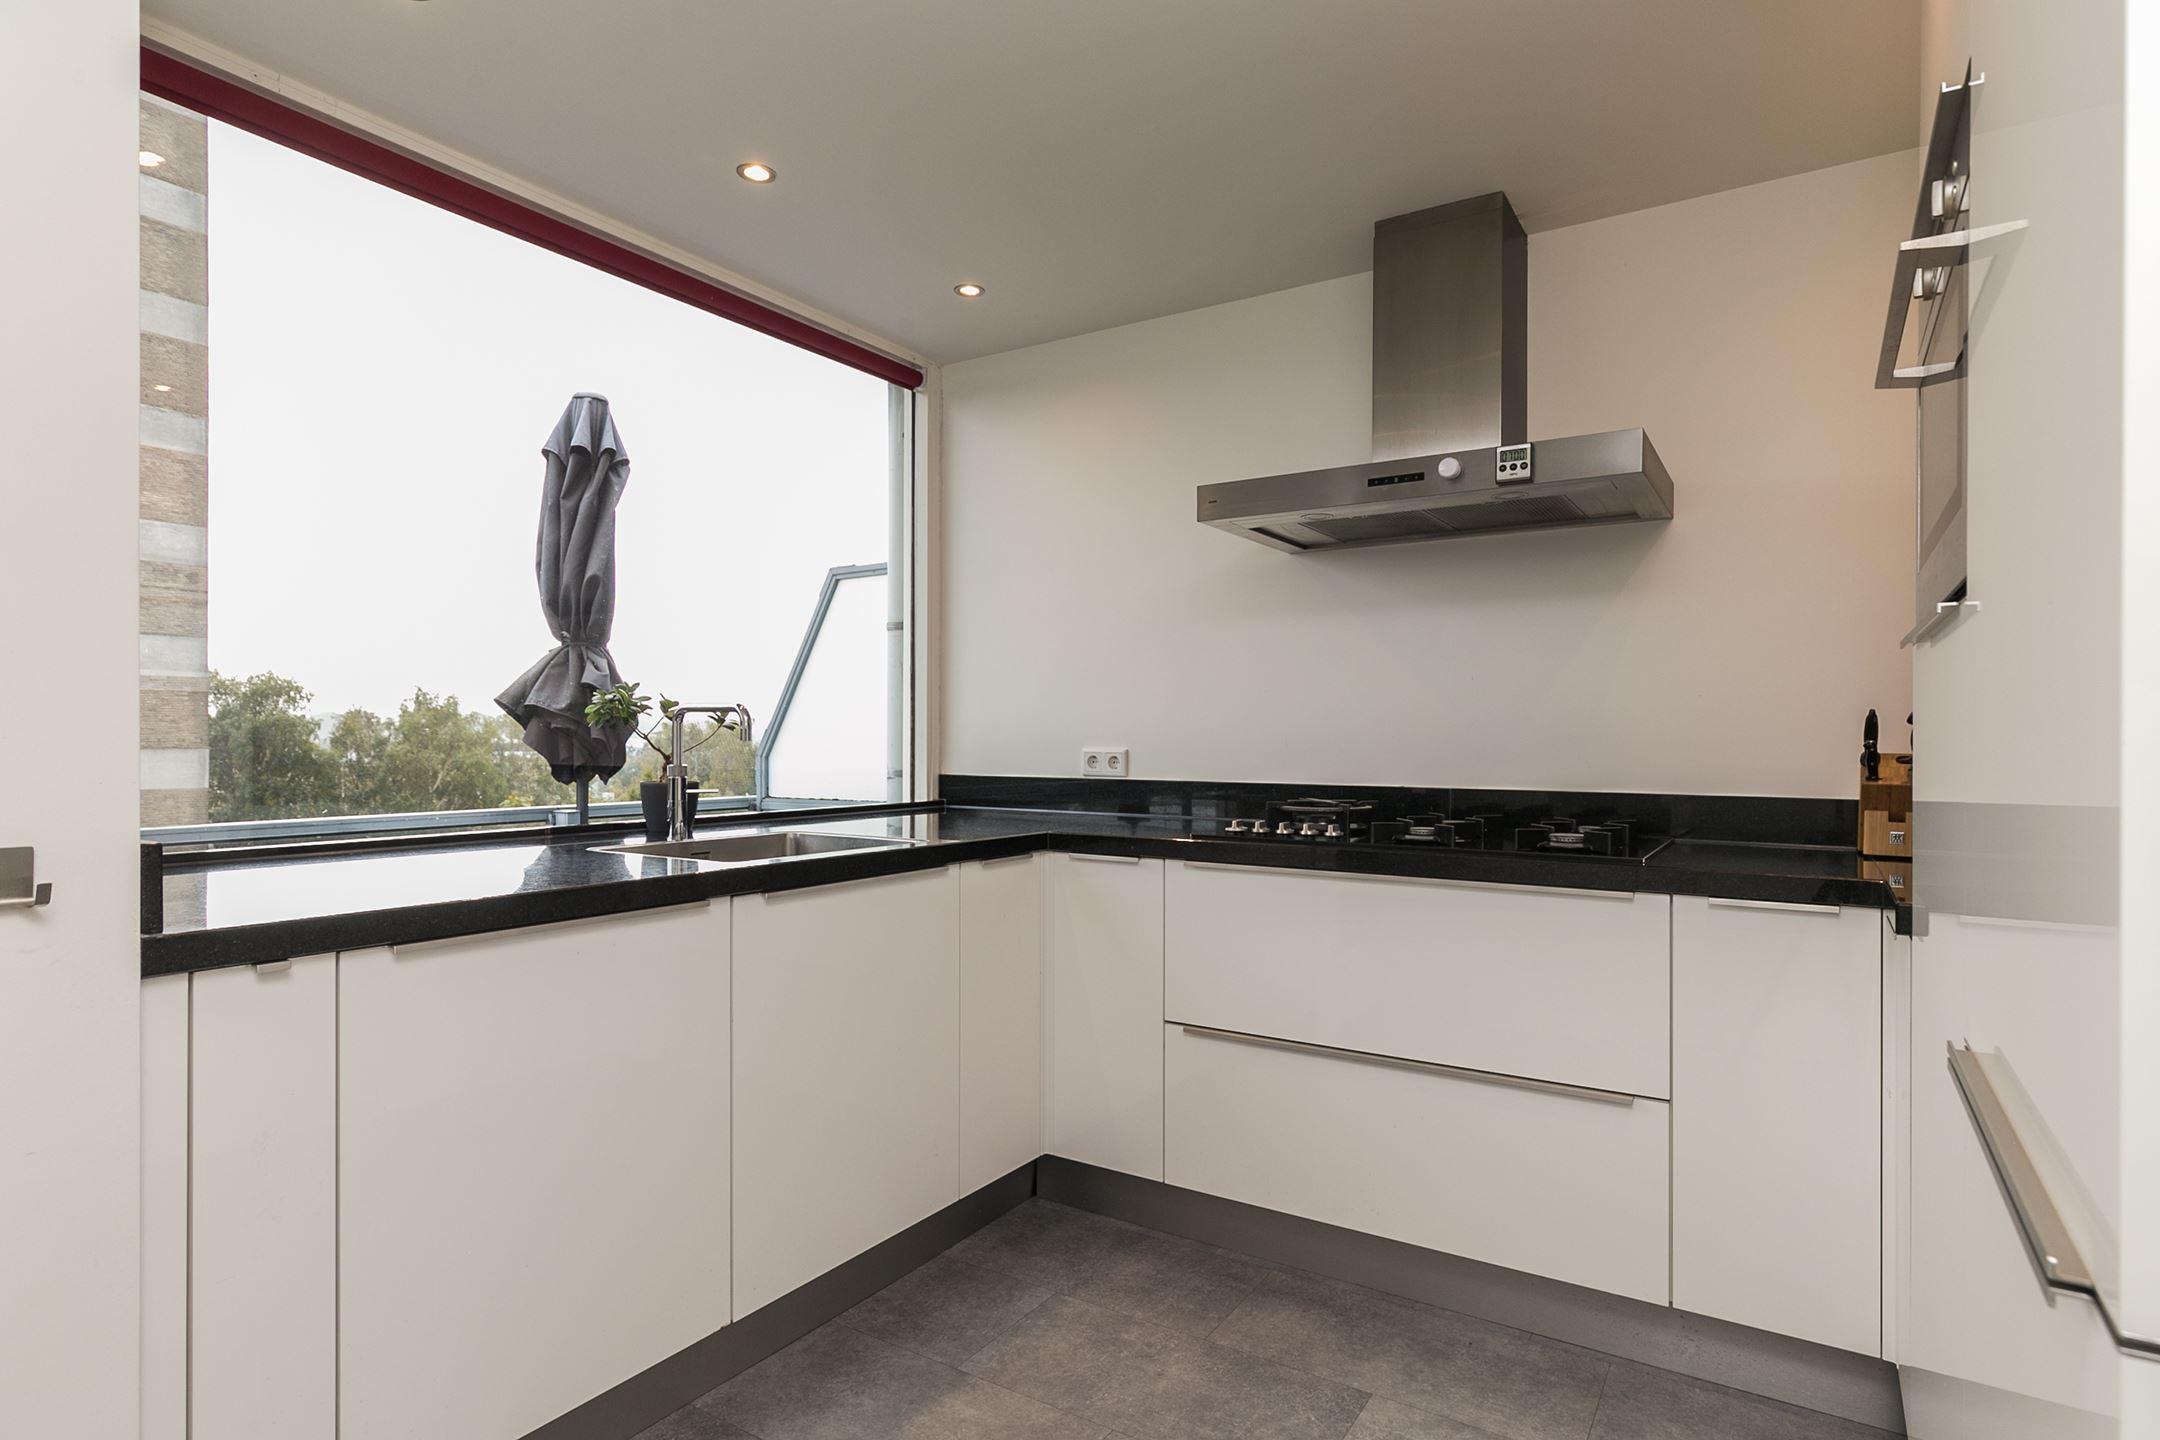 Appartement te koop: coornhertstraat 31 3132 ga vlaardingen [funda]